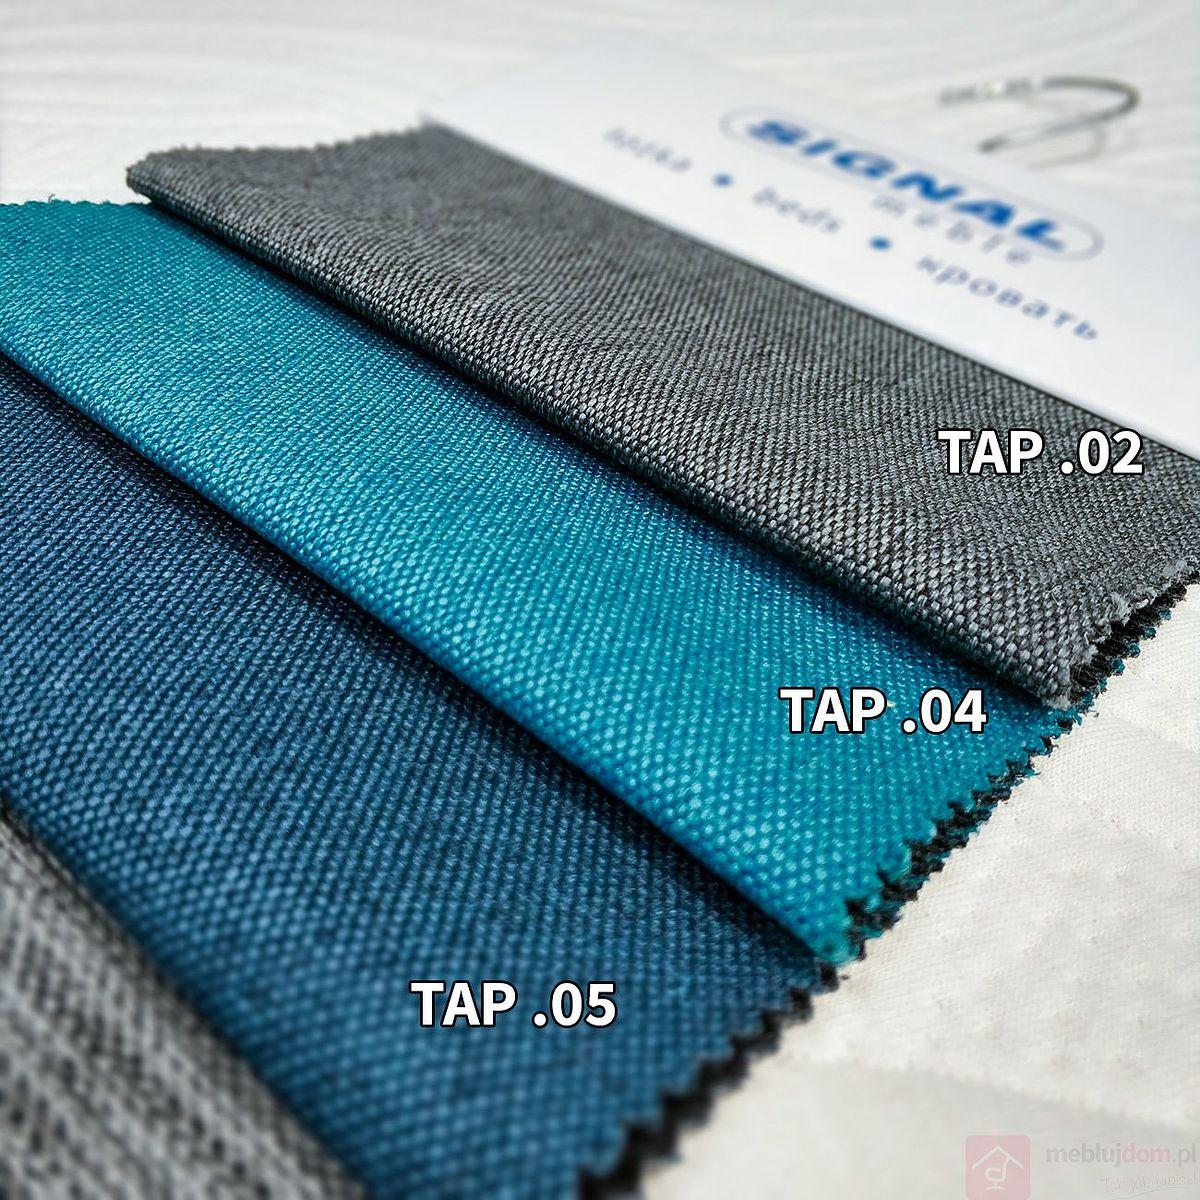 Tkaniny Signal - Opis, Realne zdjęcia próbnika tkanin dla łóżek tapicerowanych